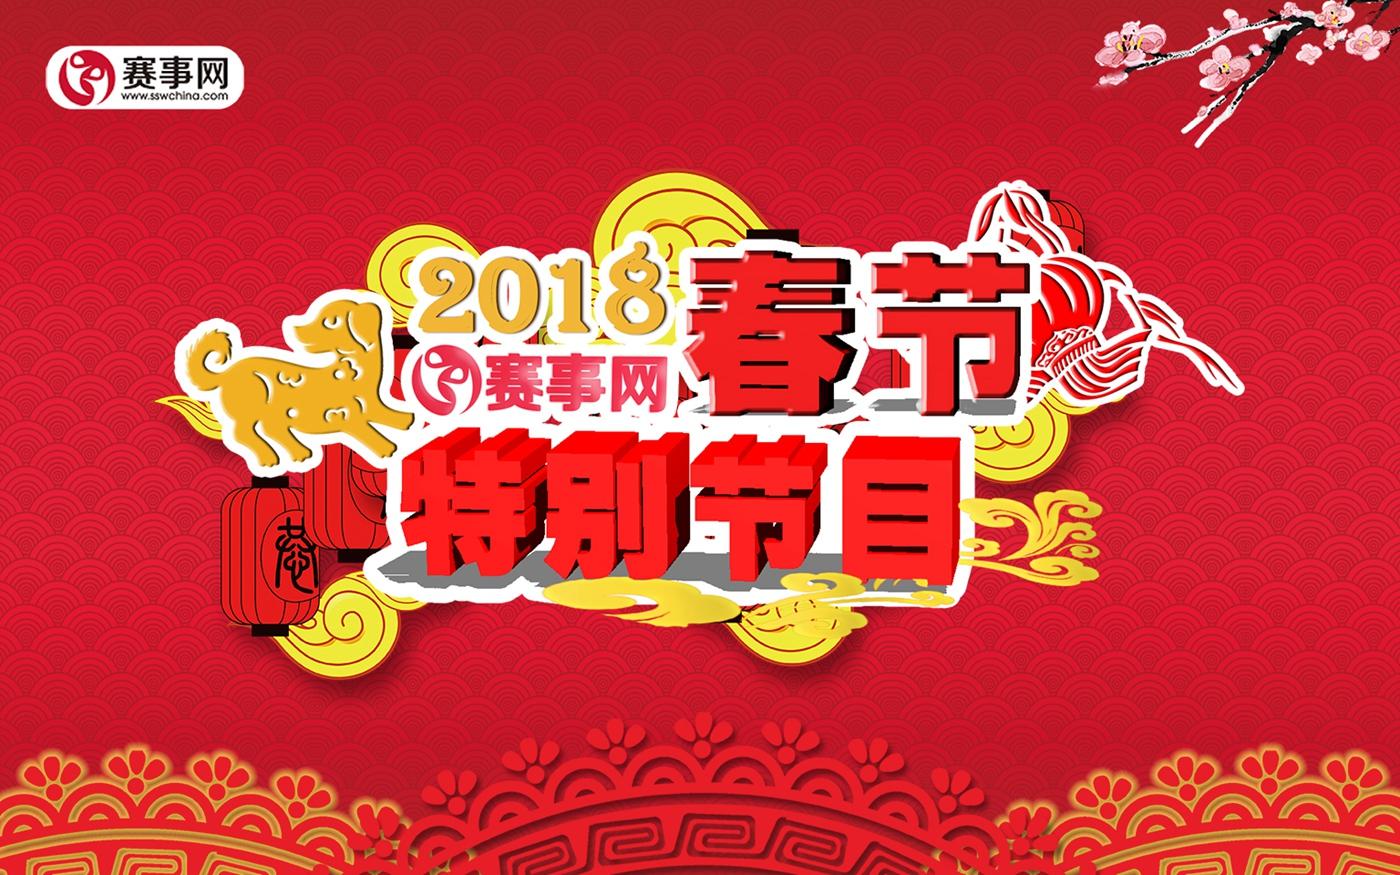 赛事网2018春节特别节目征集表(海选报名)